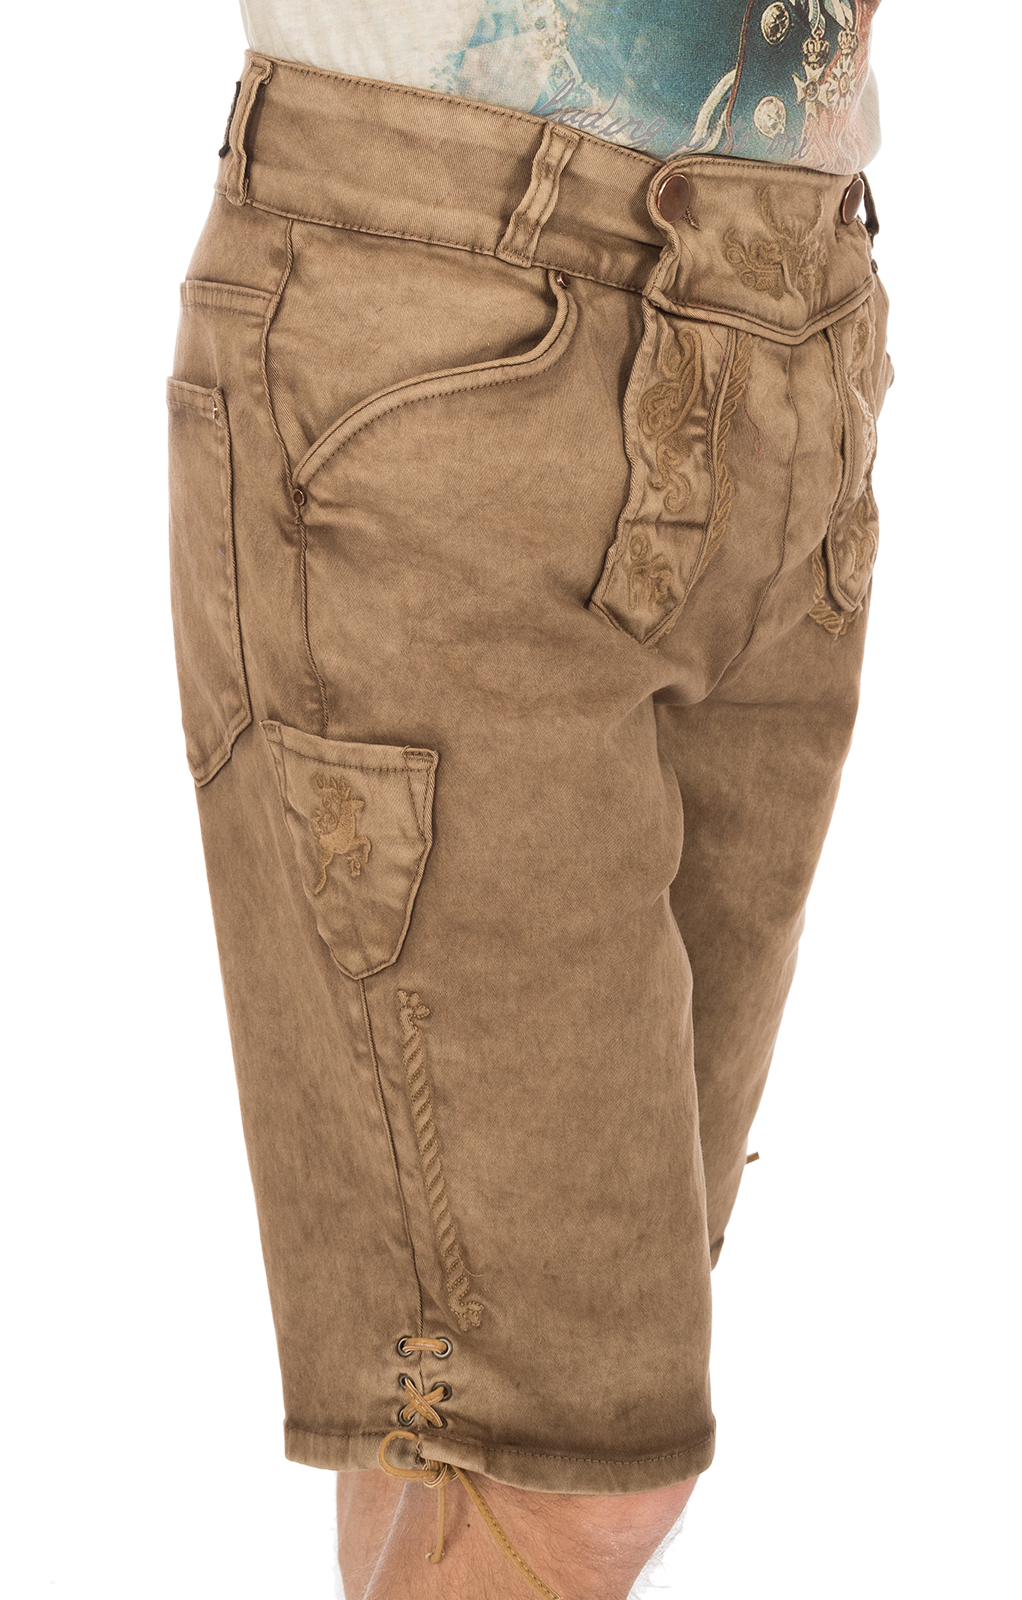 weitere Bilder von Breve costume jeansshort HE marrone